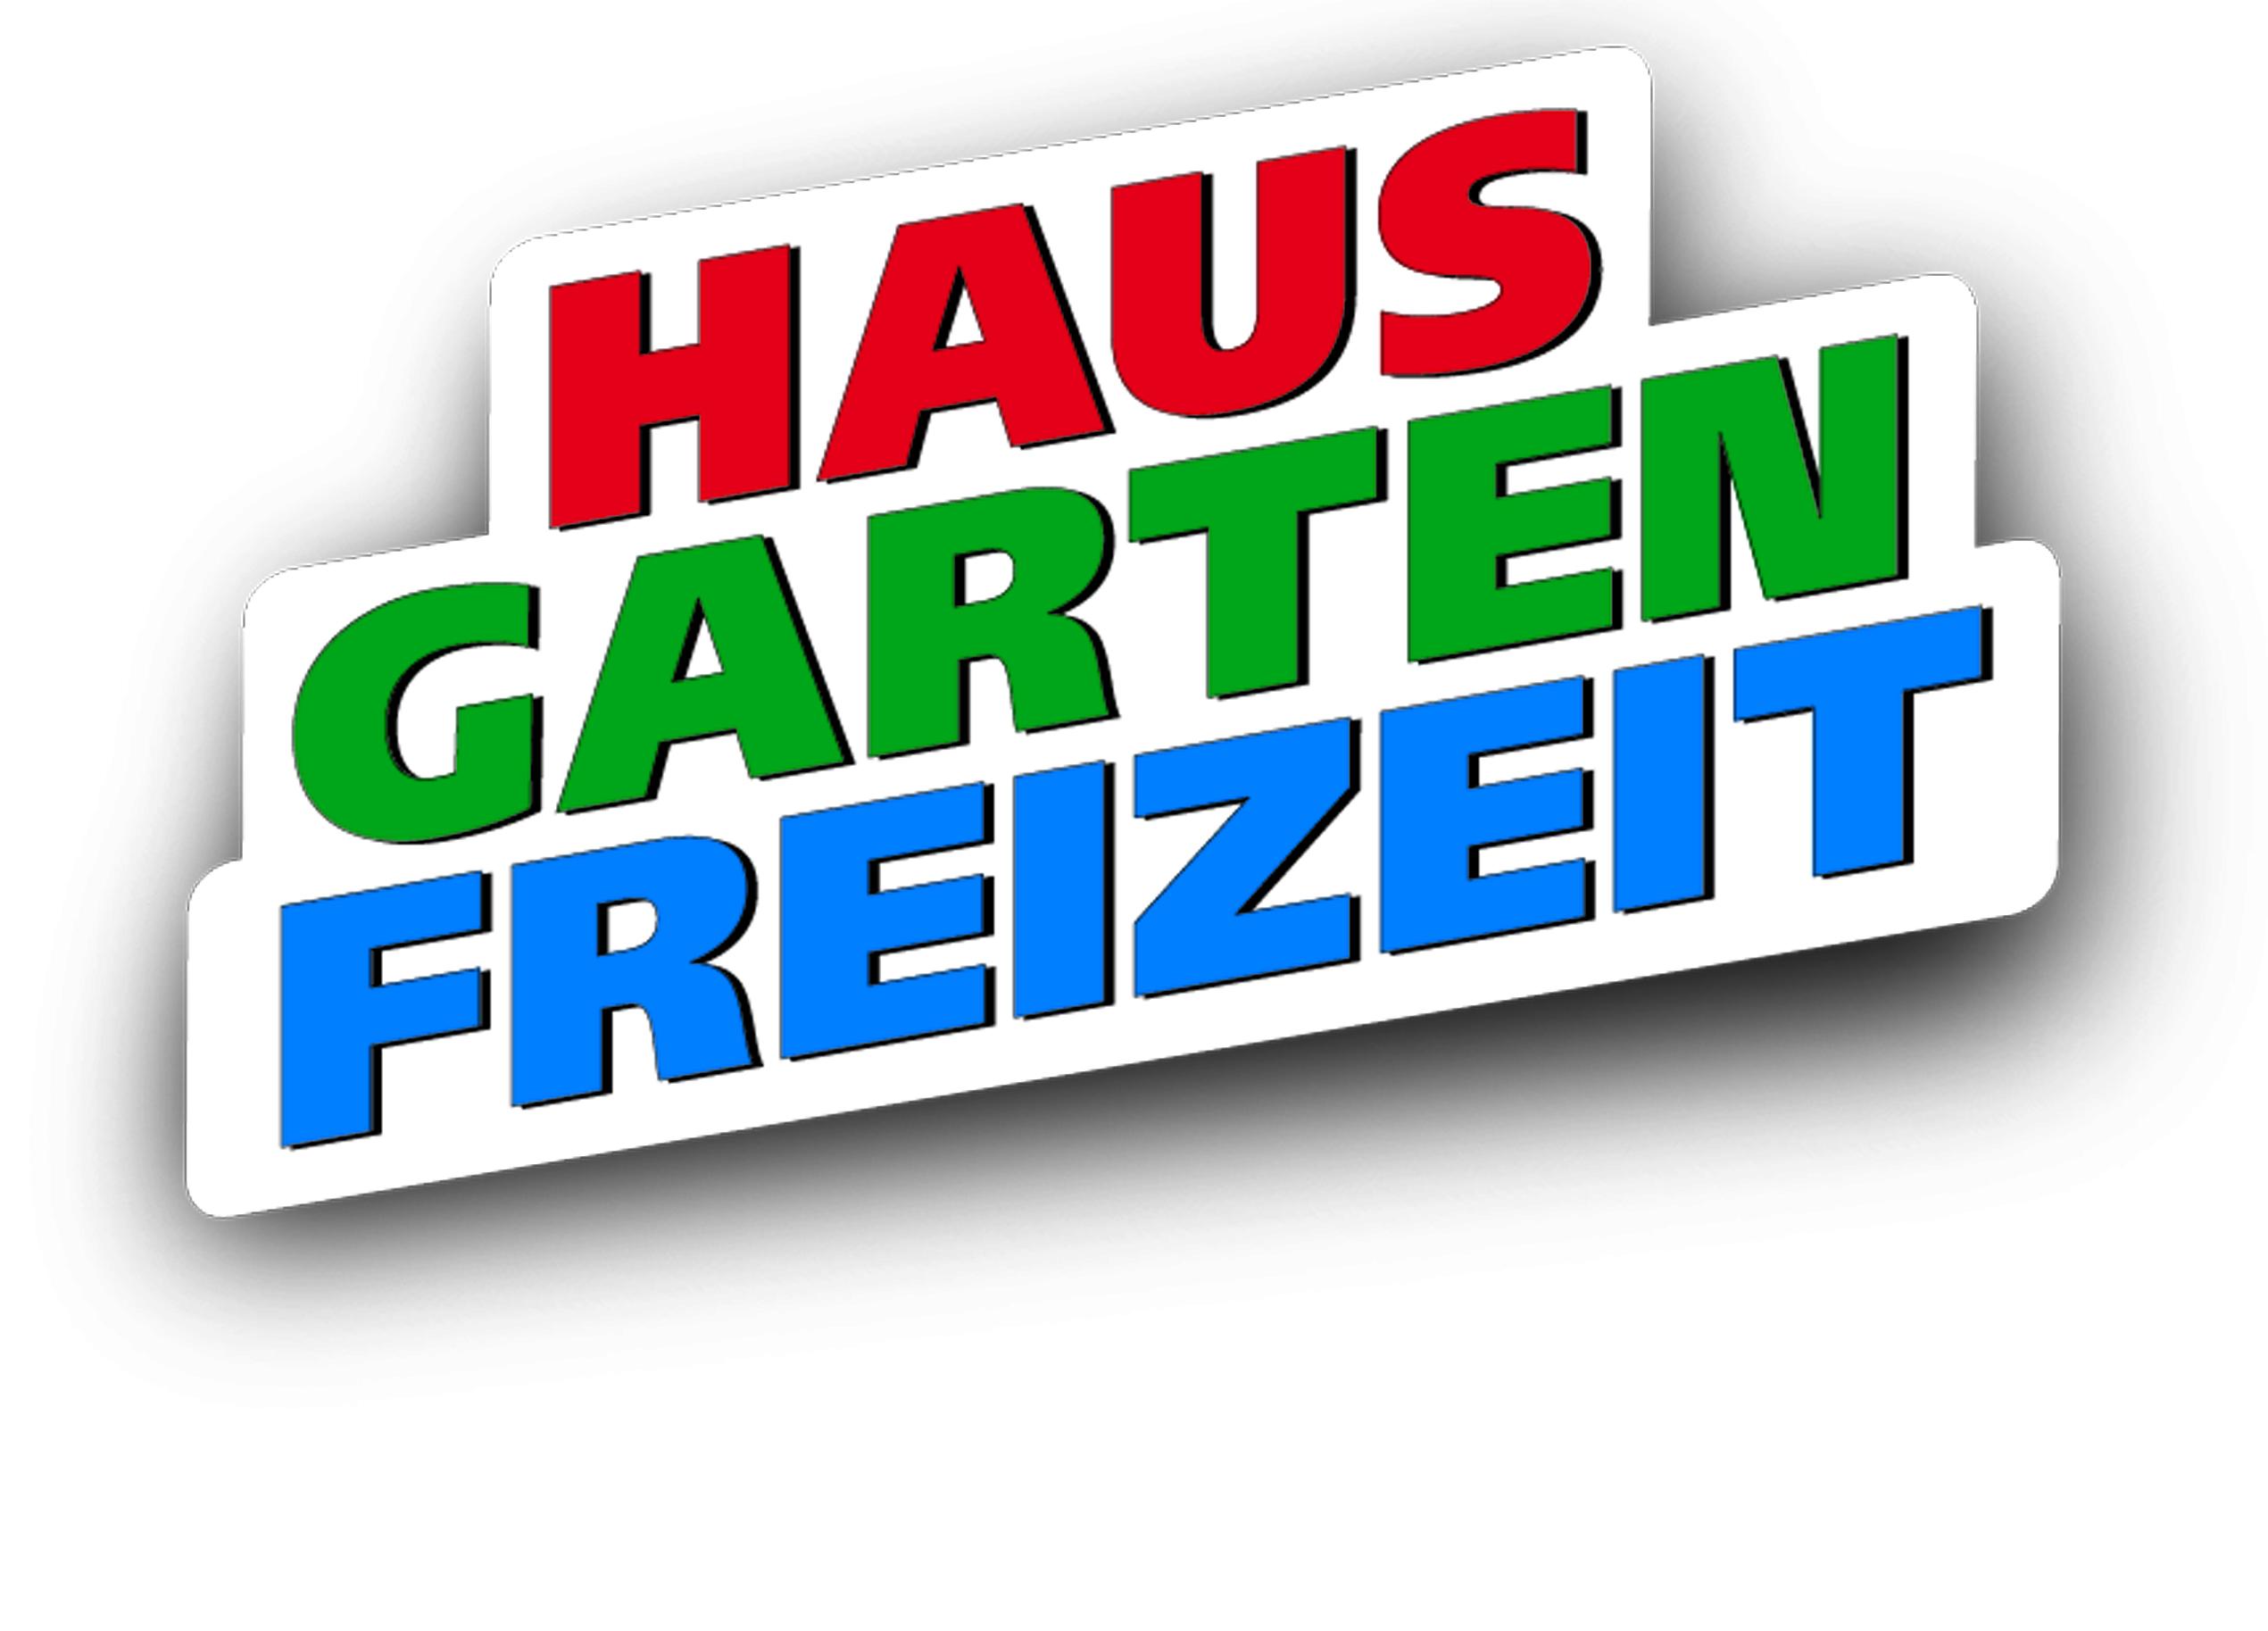 Messe Haus, Garten, Freizeit in Leipzig